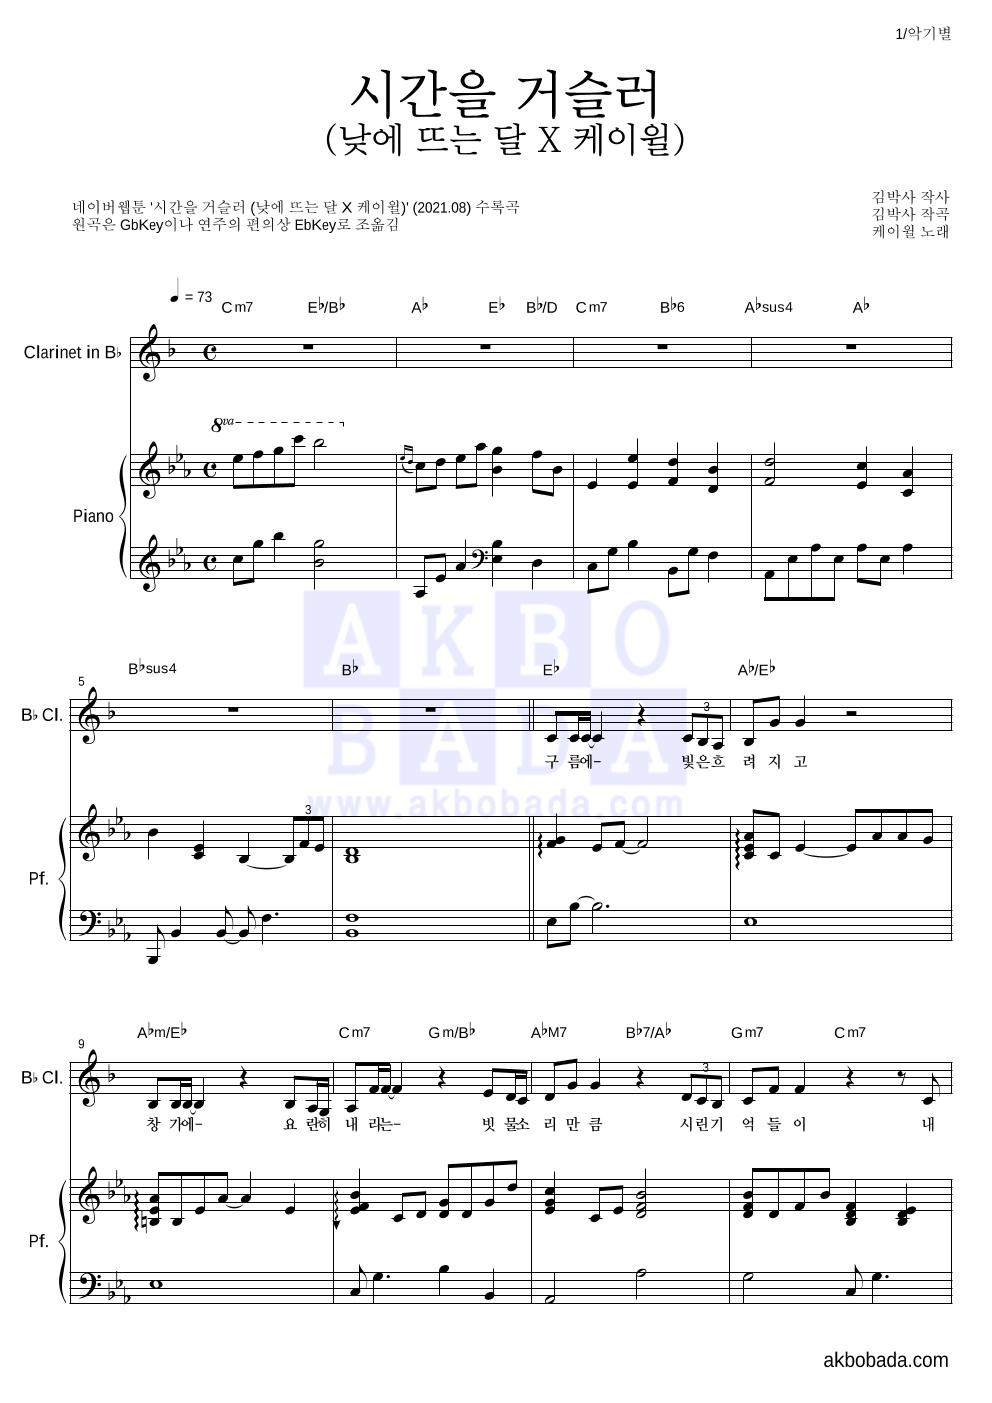 케이윌 - 시간을 거슬러 (낮에 뜨는 달 X 케이윌) 클라리넷&피아노 악보